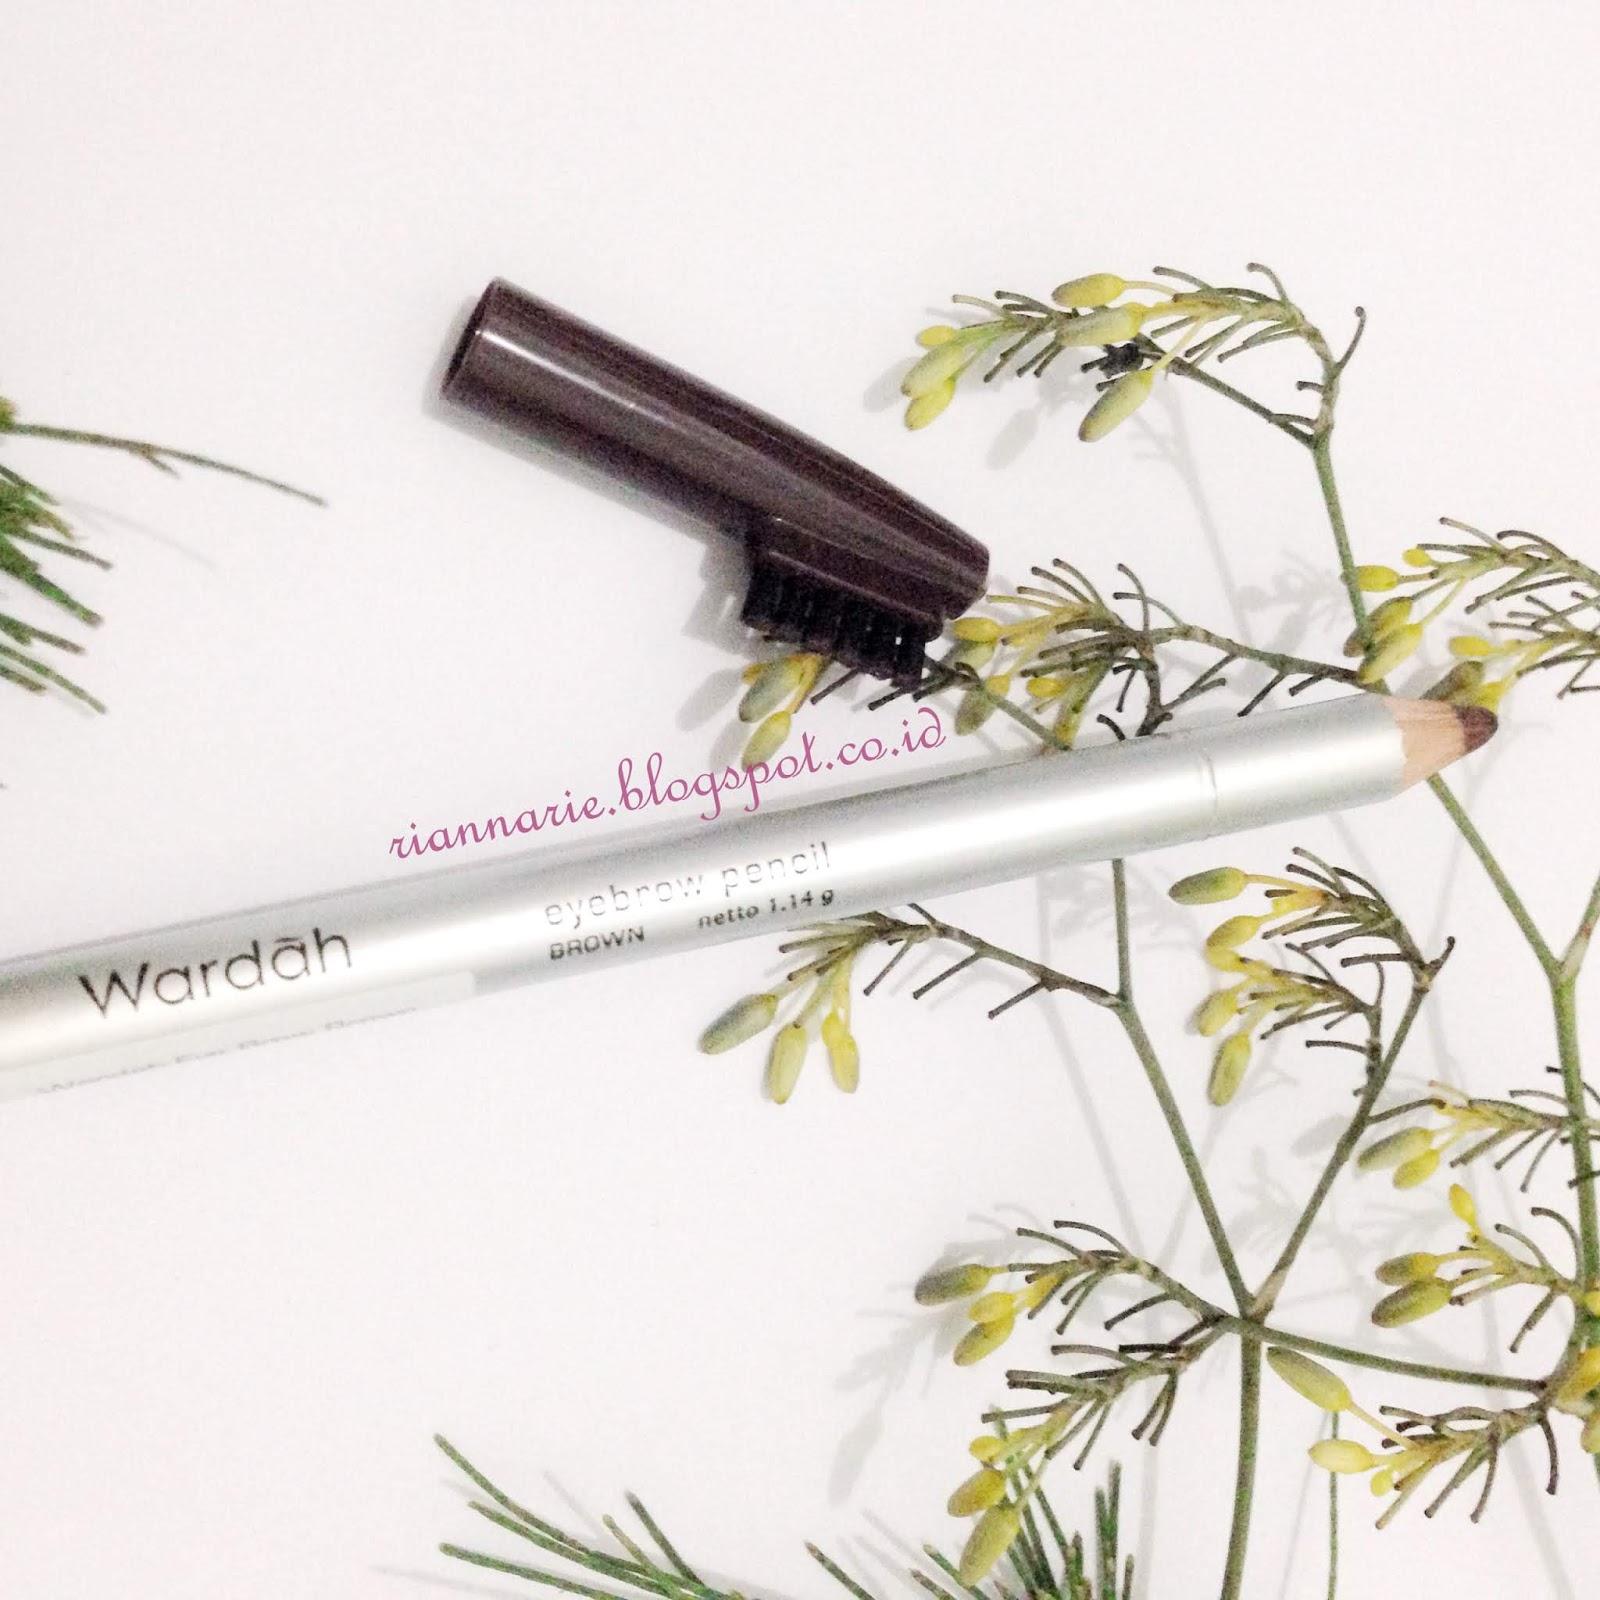 Wardah Eyebrow Pencil Eyebrowpensil Alis Setelah Itu Sikat Kembali Ke Arah Belakang Hingga Rapih Biarkan Bagian Ujung Depan Tampak Lebih Tipis Agar Terkesan Natural